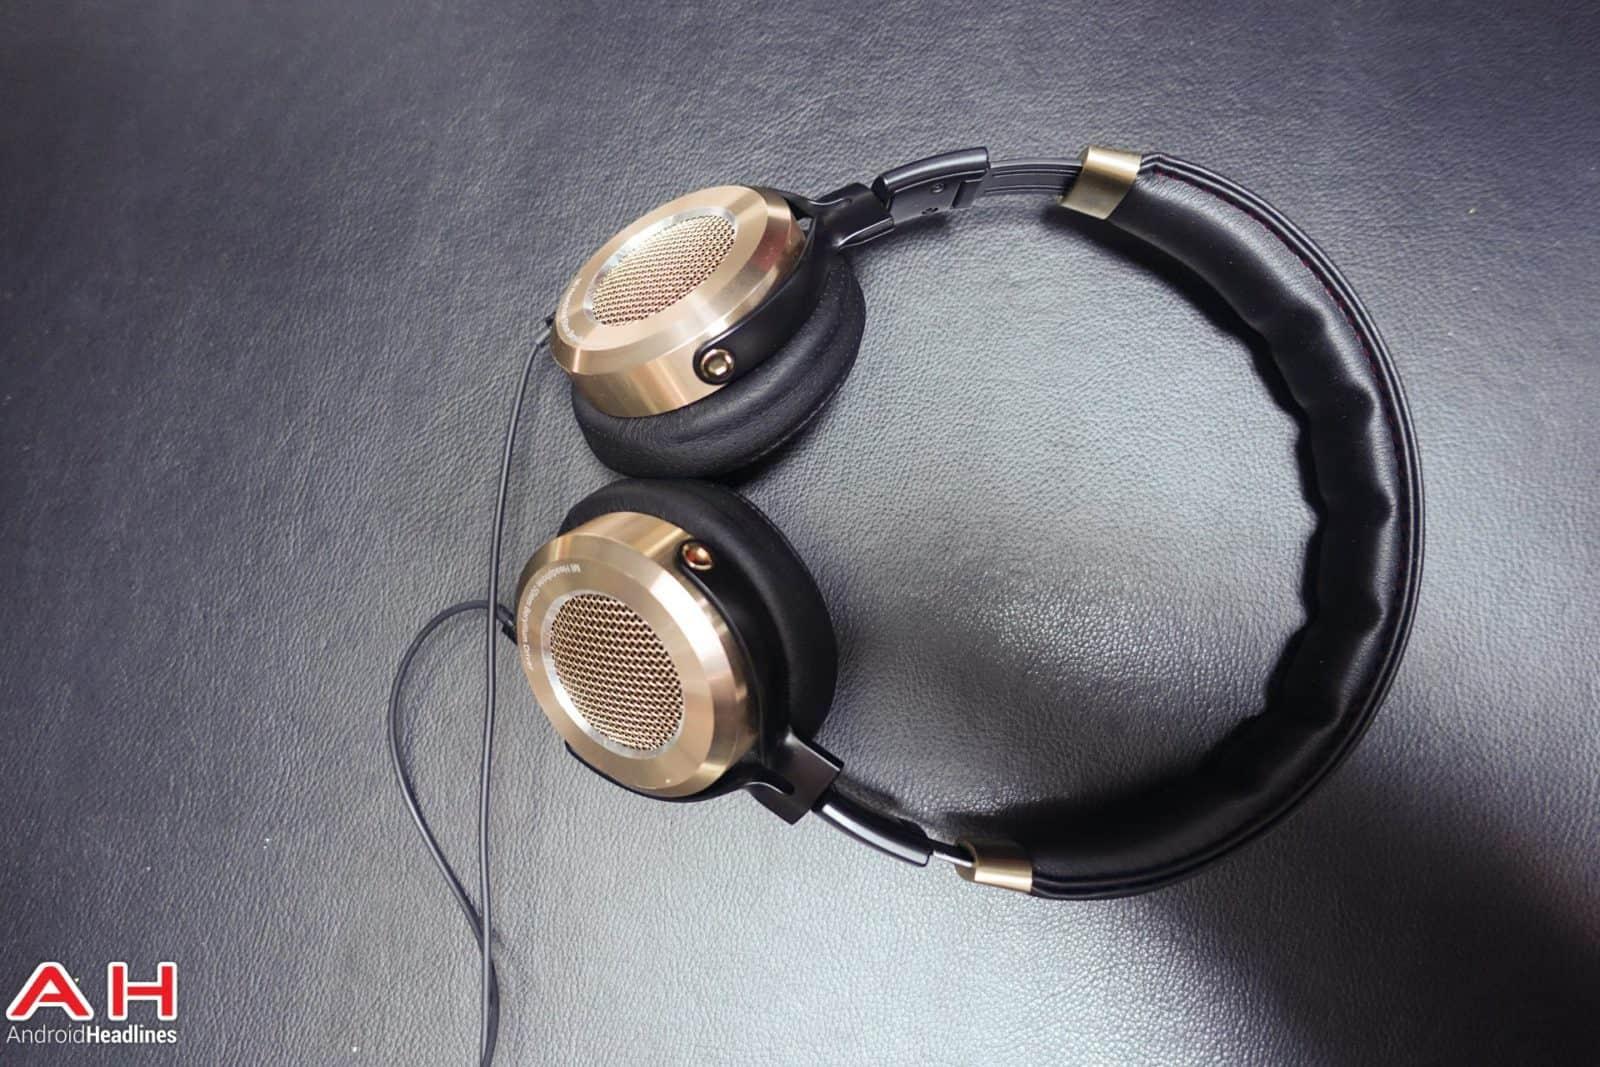 Xiaomi-Mi-headphones-AH-03920